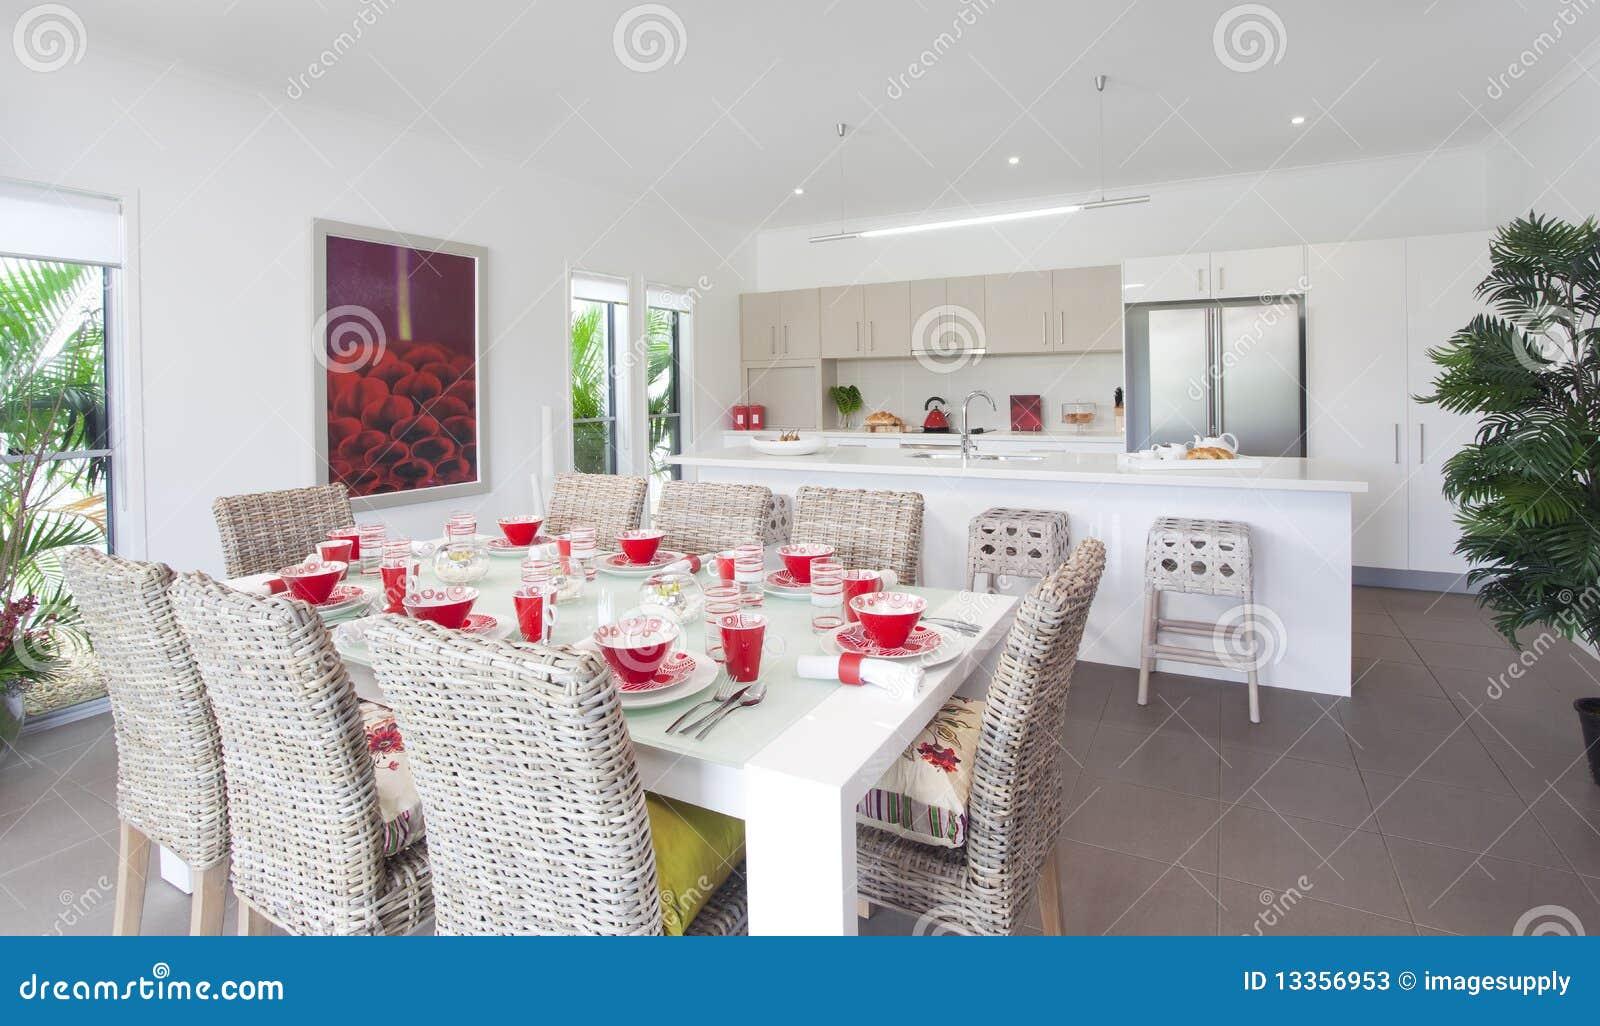 Cocina En Nueva Casa Urbana Moderna Imagen De Archivo